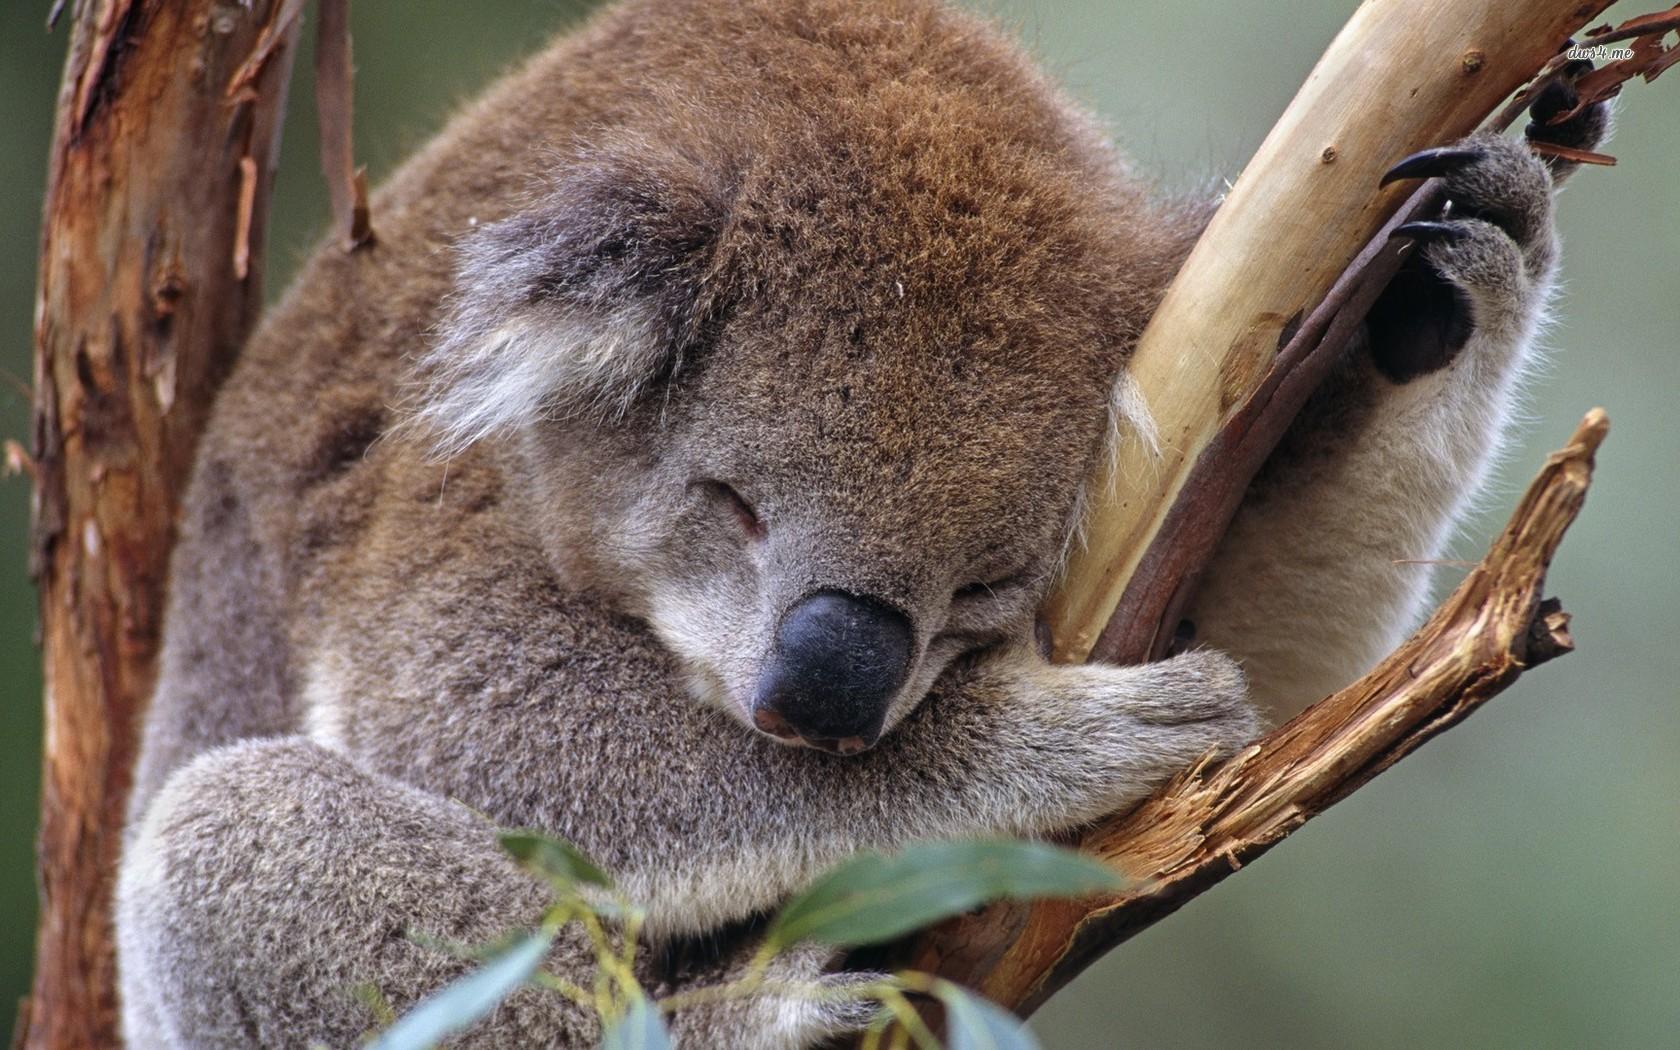 Koala Wallpapers - WallpaperSafari